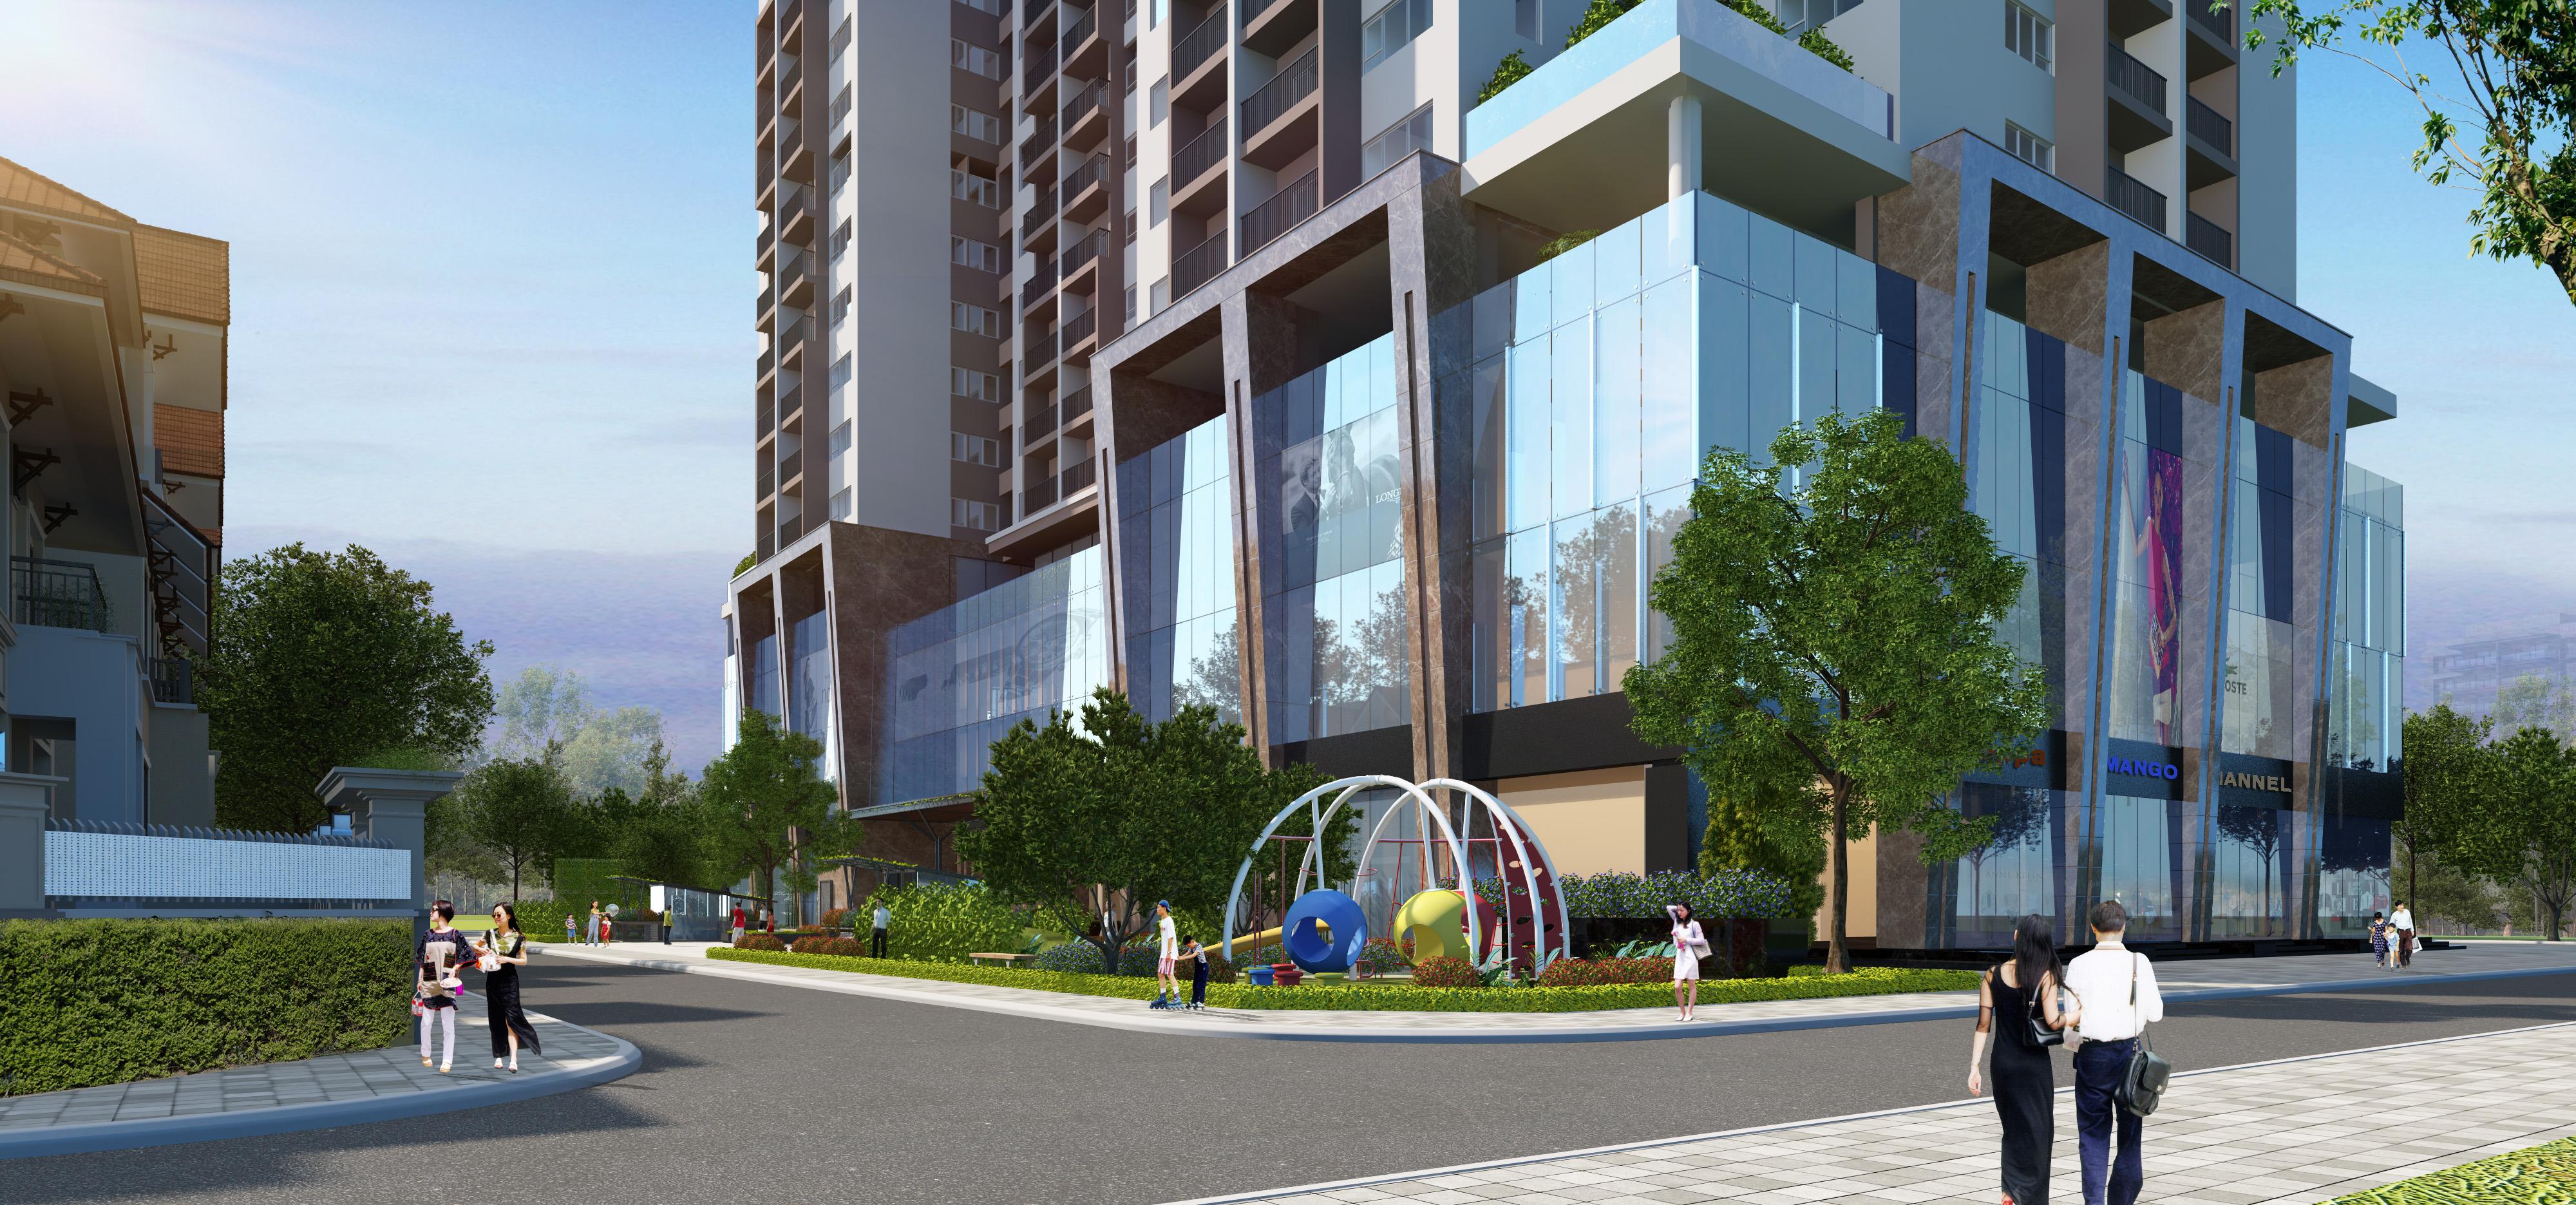 Vị trí chung cư Thanh Xuân Complex nằm ở đâu trong phân khúc cao cấp